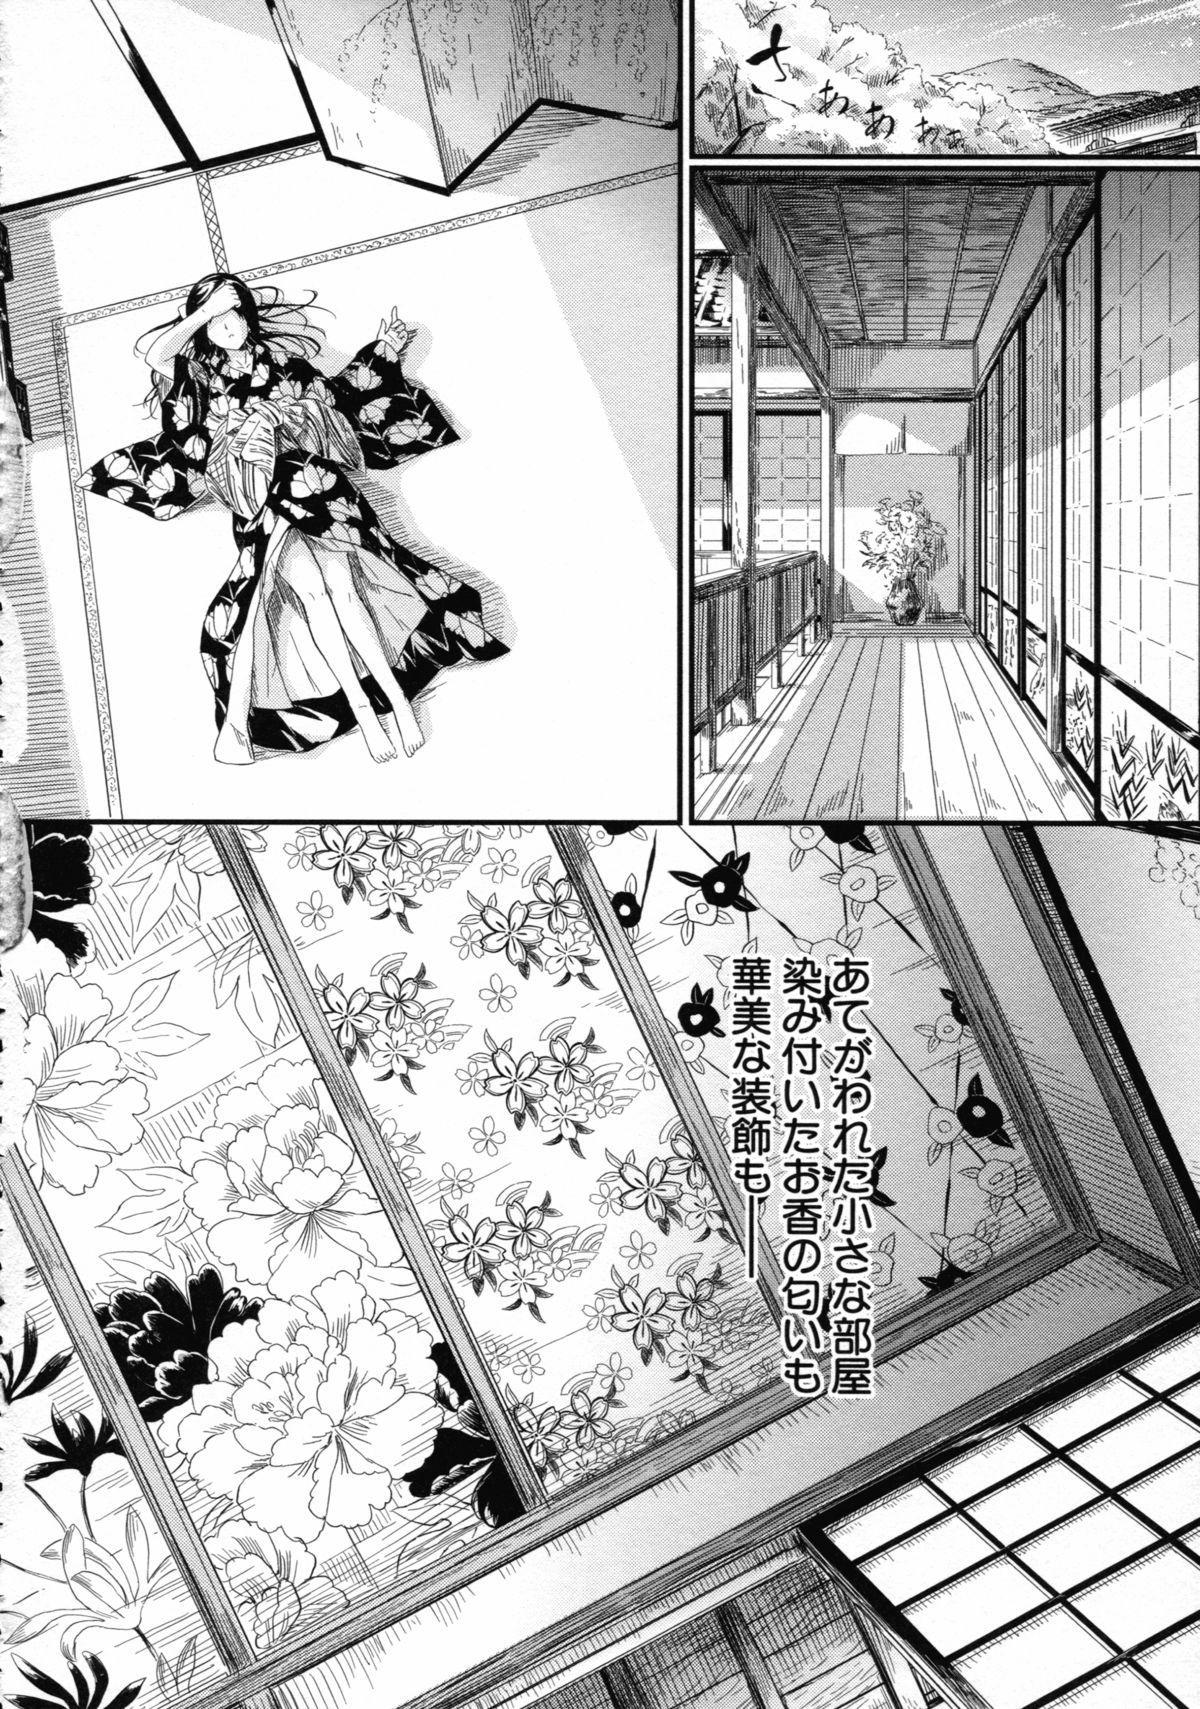 [Shiki Takuto] Tokoharu no Shoujo-tachi - The Girls in the Eternal Spring 95